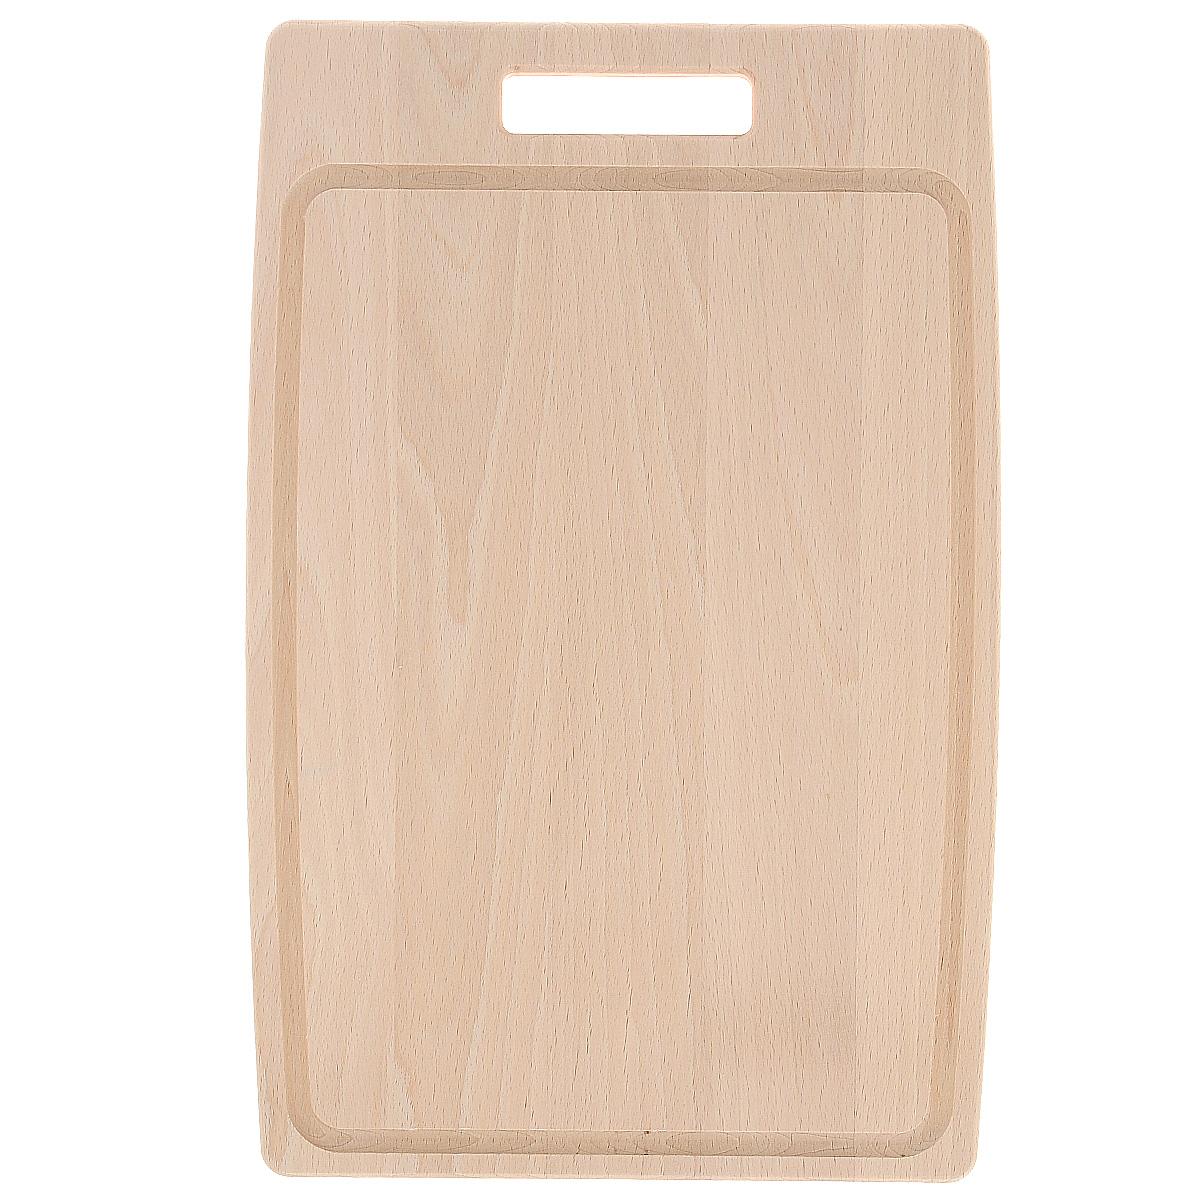 Доска разделочная Tescoma Home Profi, 30 х 20 см379512Прямоугольная разделочная доска Tescoma Home Profi изготовлена из высококачественной древесины бука. Бук - это особо прочный материал, который прослужит вам долгие годы. Доска оснащена удобной ручкой.Функциональная и простая в использовании, разделочная доска Tescoma Home Profi прекрасно впишется в интерьер любой кухни. Не мыть в посудомоечной машине.